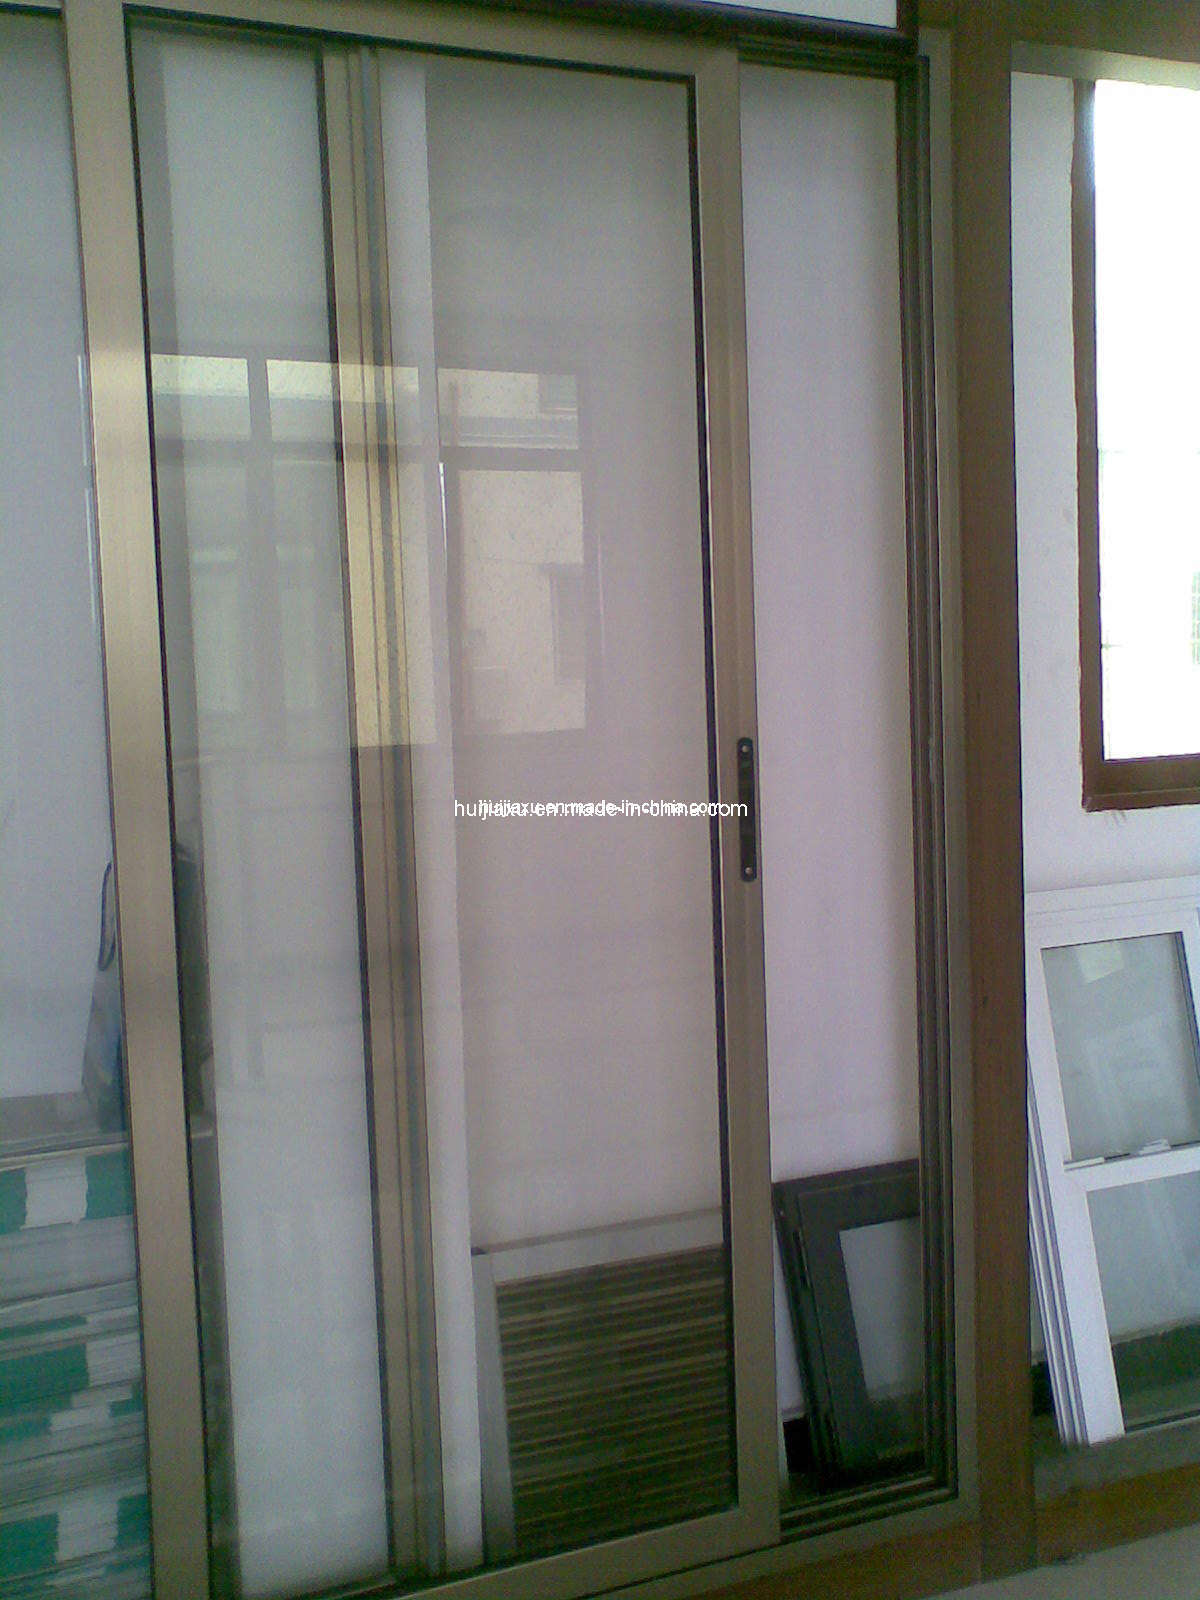 Balcony Sliding Door Balcony Glass Doors: China Aluminium Wood Balcony Sliding Door (HL-217)